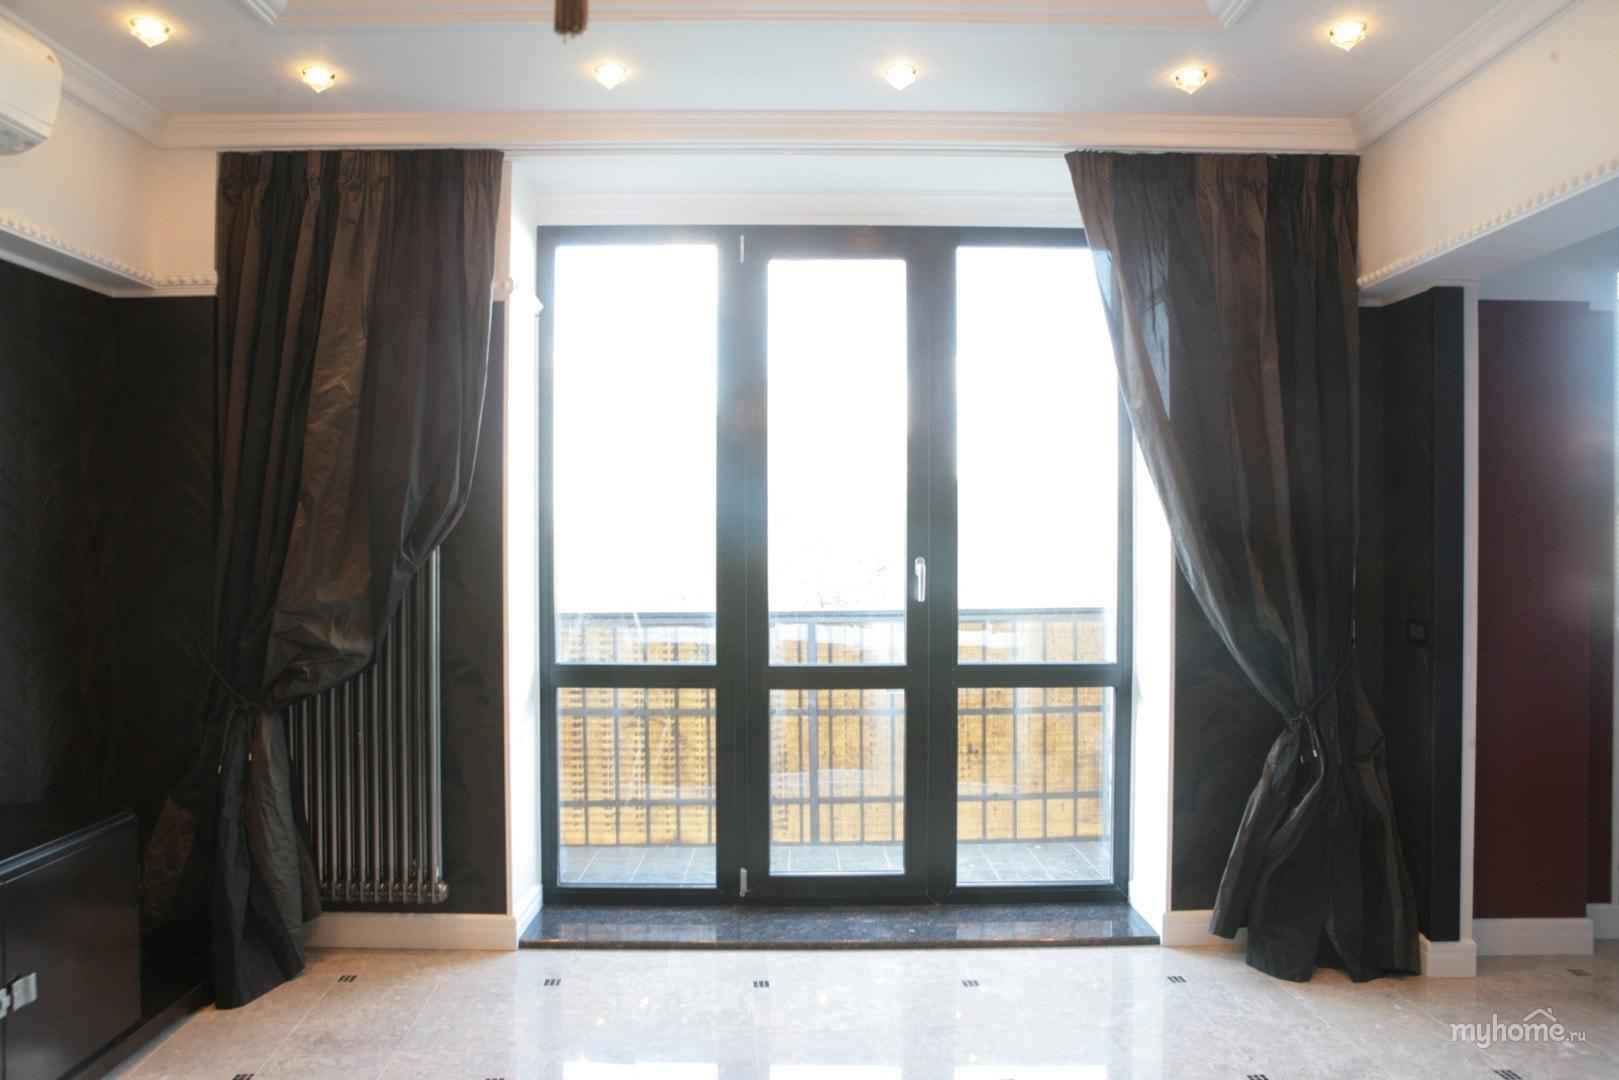 Перегородка между балконом и комнатой.